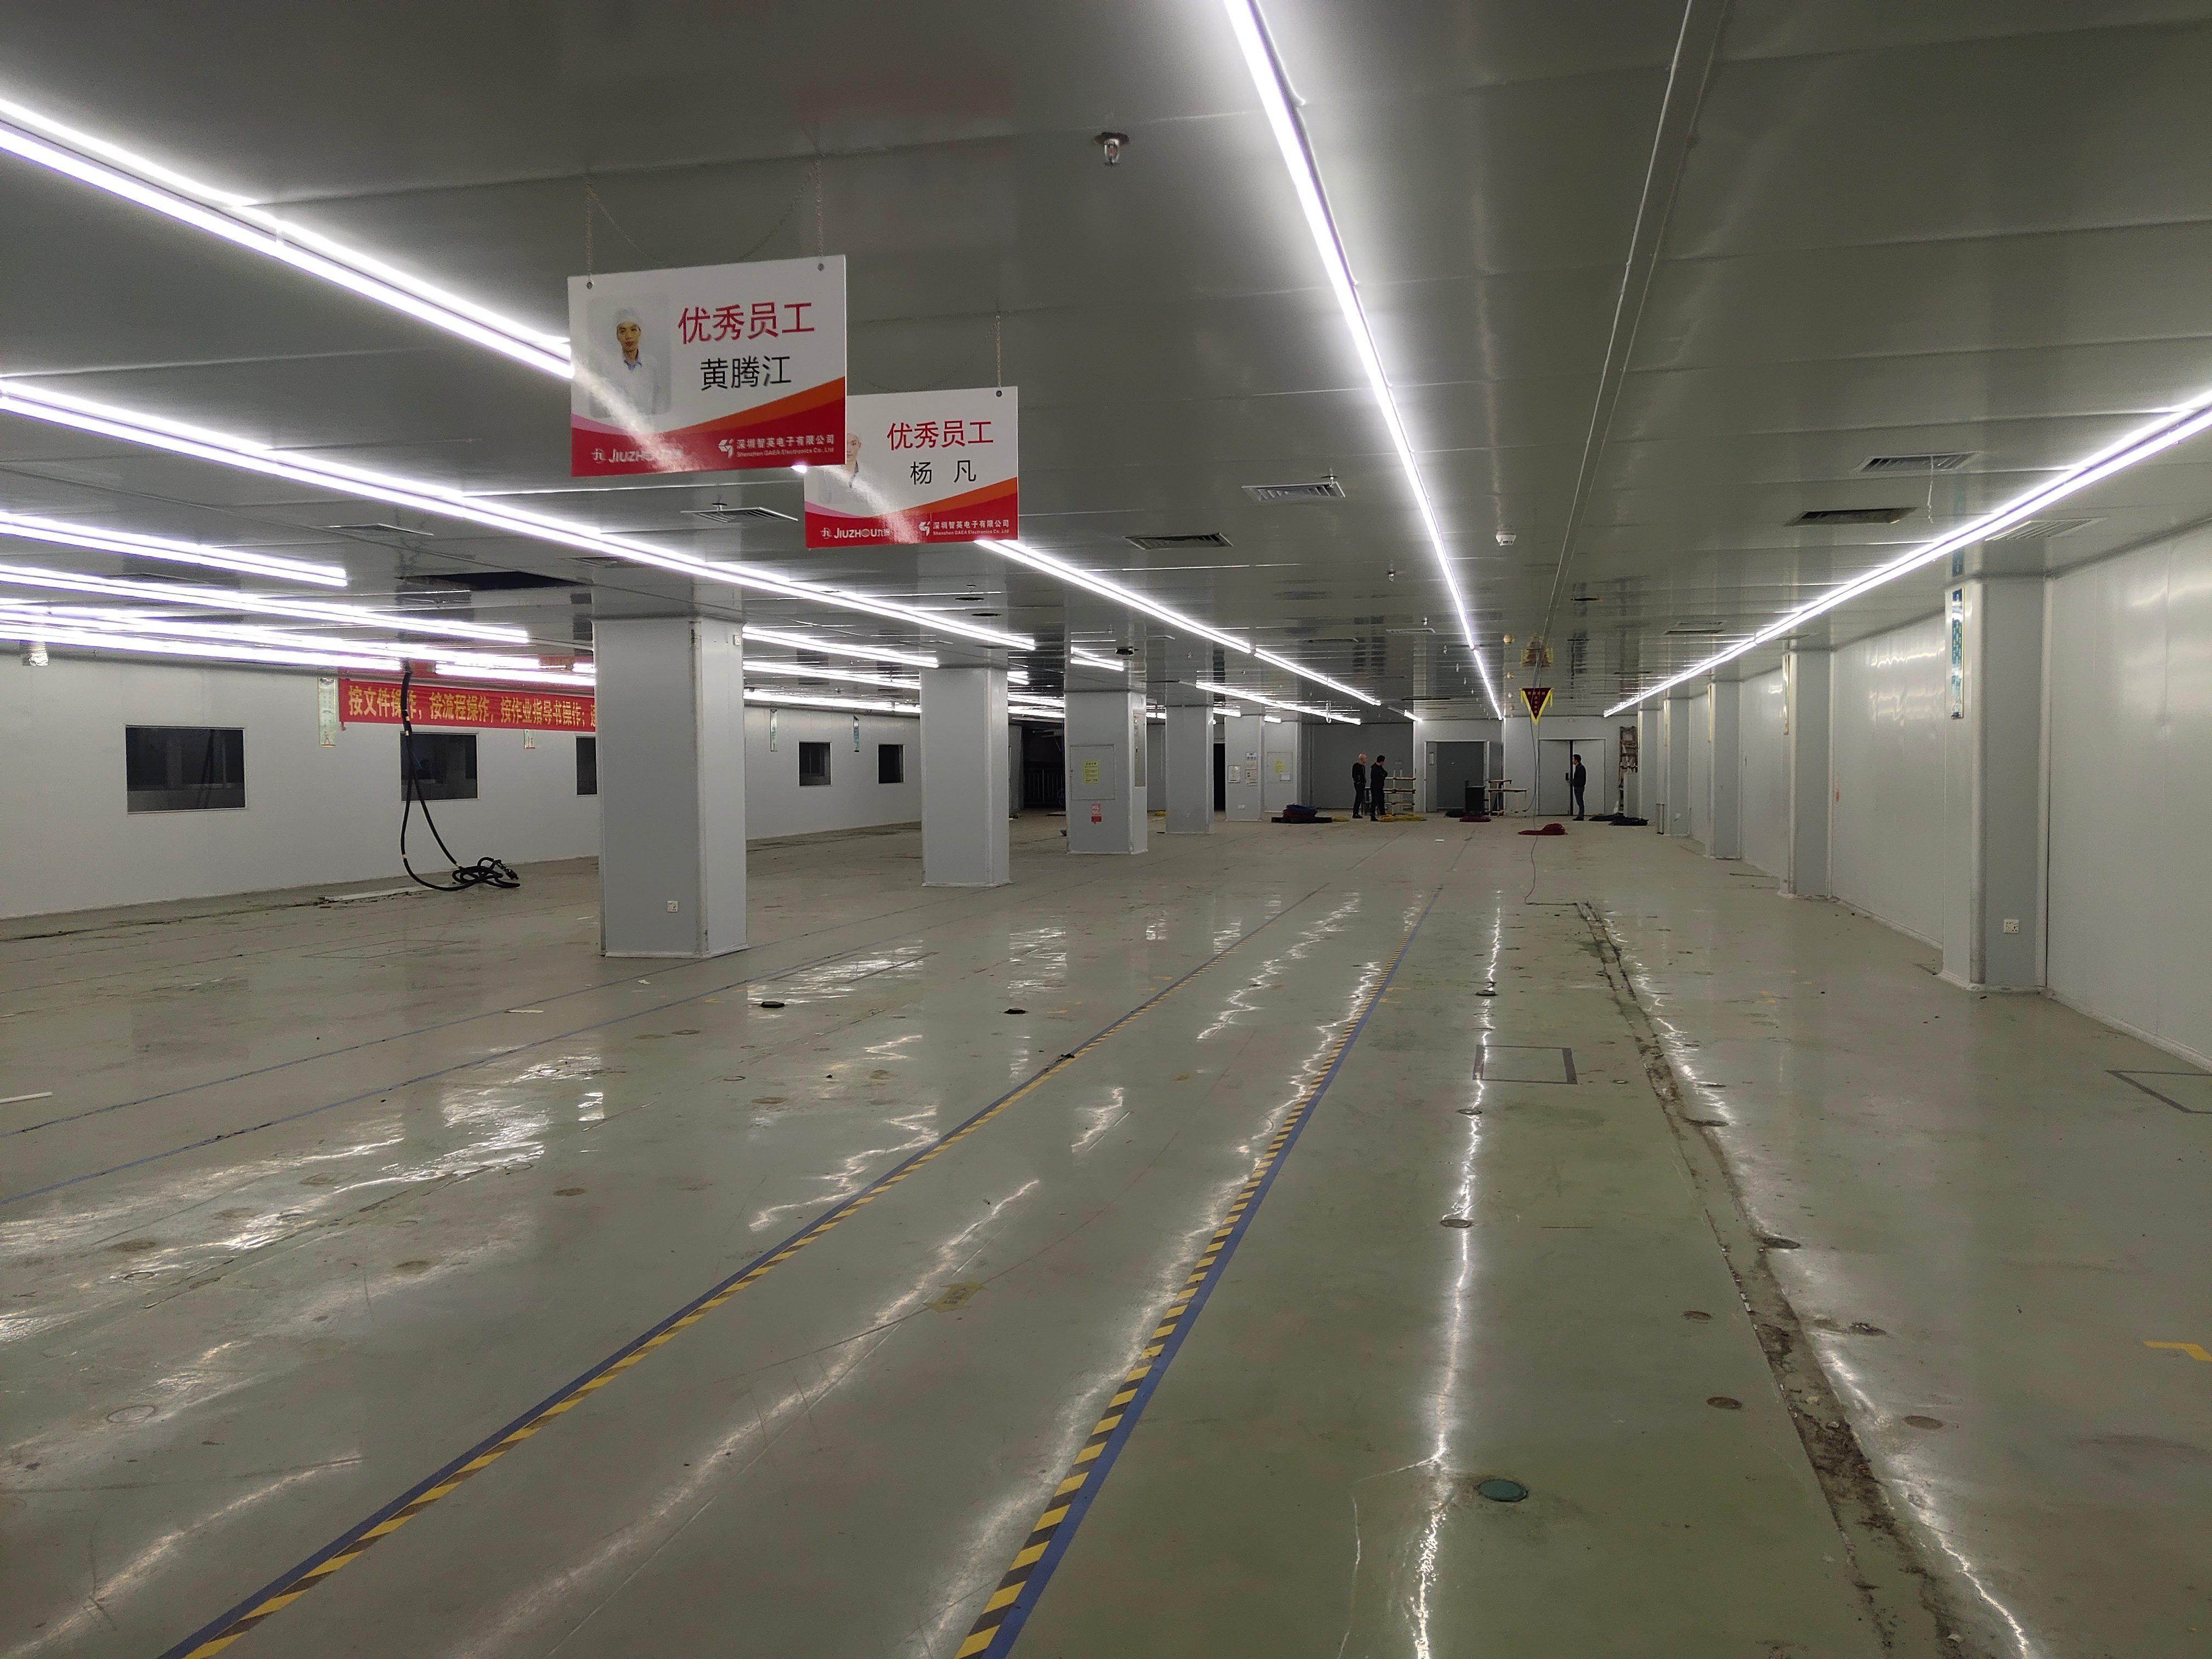 福永镇靠近沙井楼上1500平米无尘车间出租!